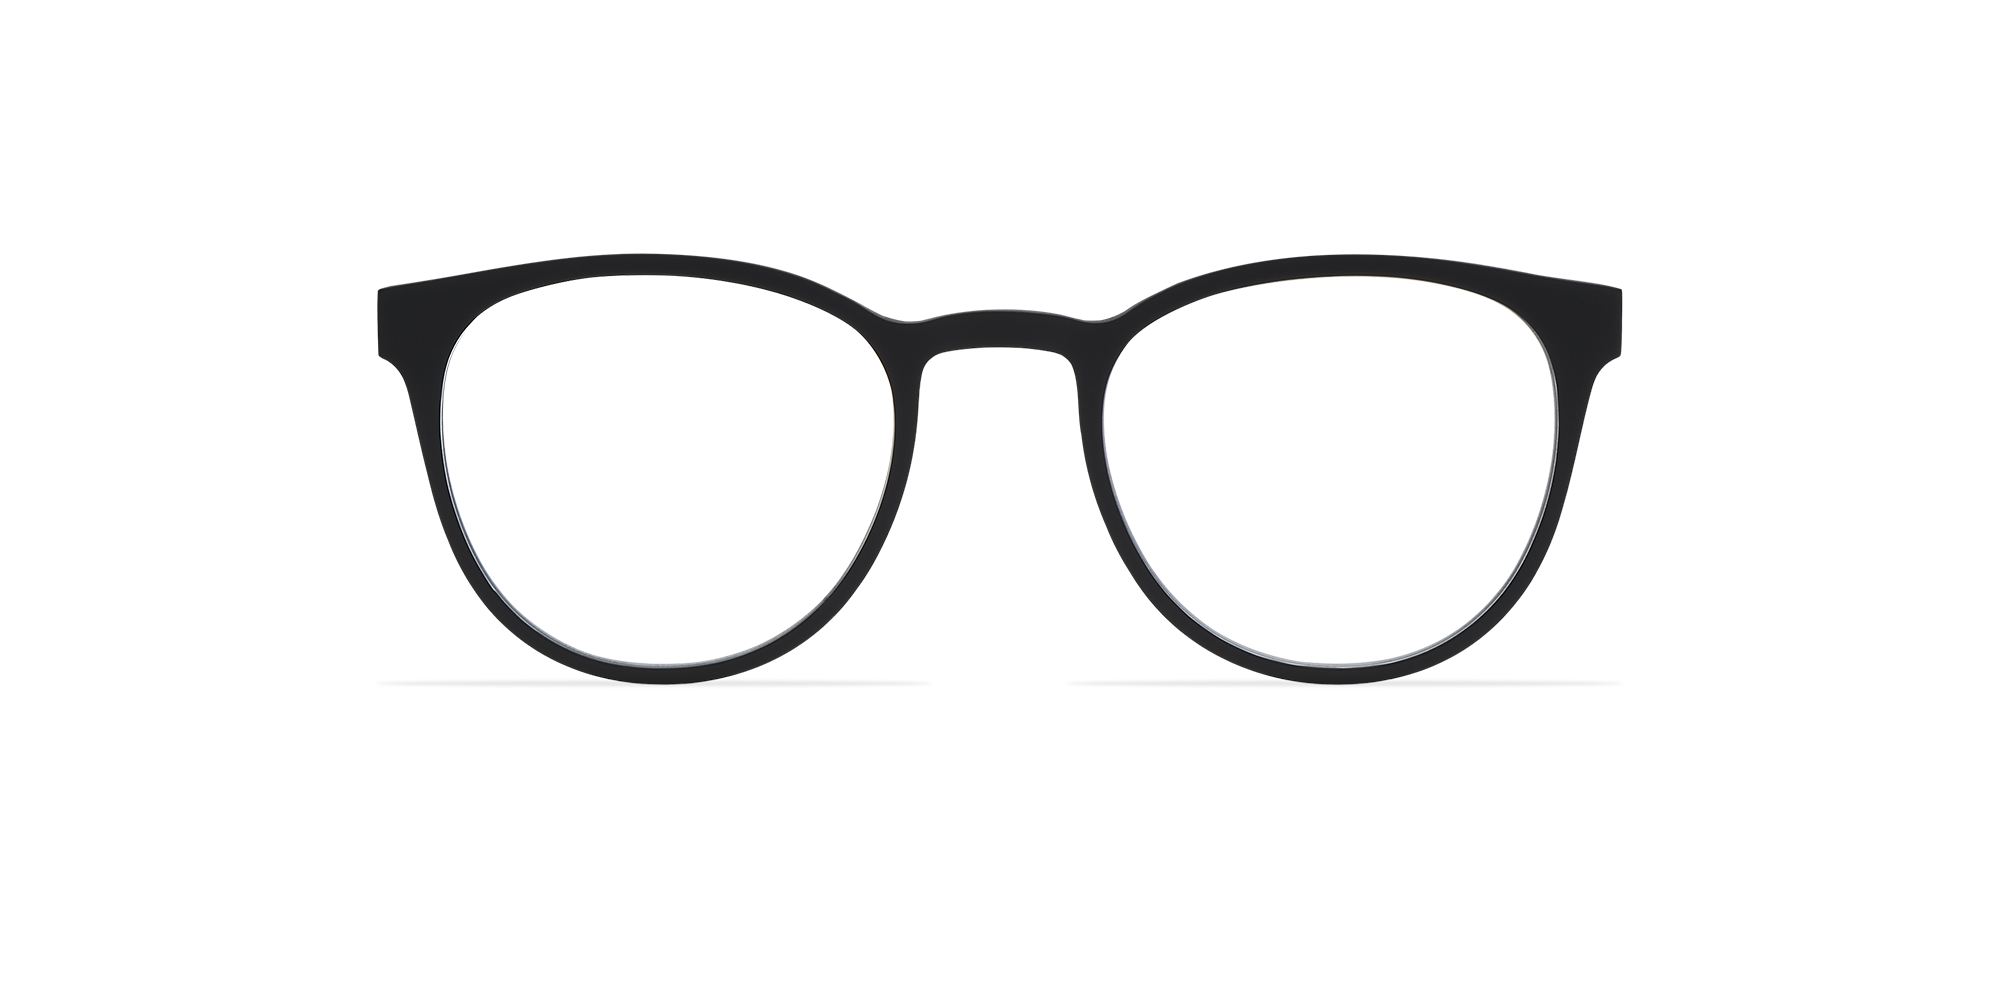 afflelou/france/products/smart_clip/clips_glasses/TMK44N2BK014920.png